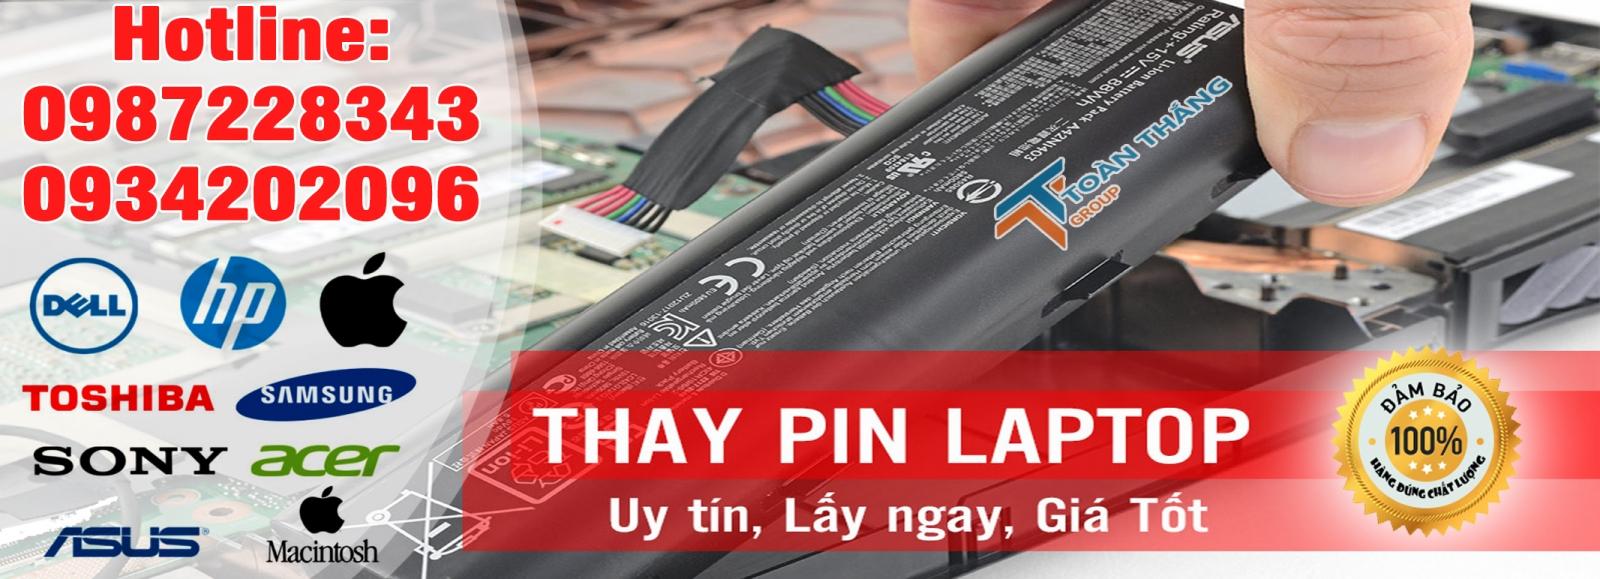 Công Ty Dịch Vụ Thay Pin Laptop Tận Nơi Quận Tân Bình Uy Tín Chính Hãng